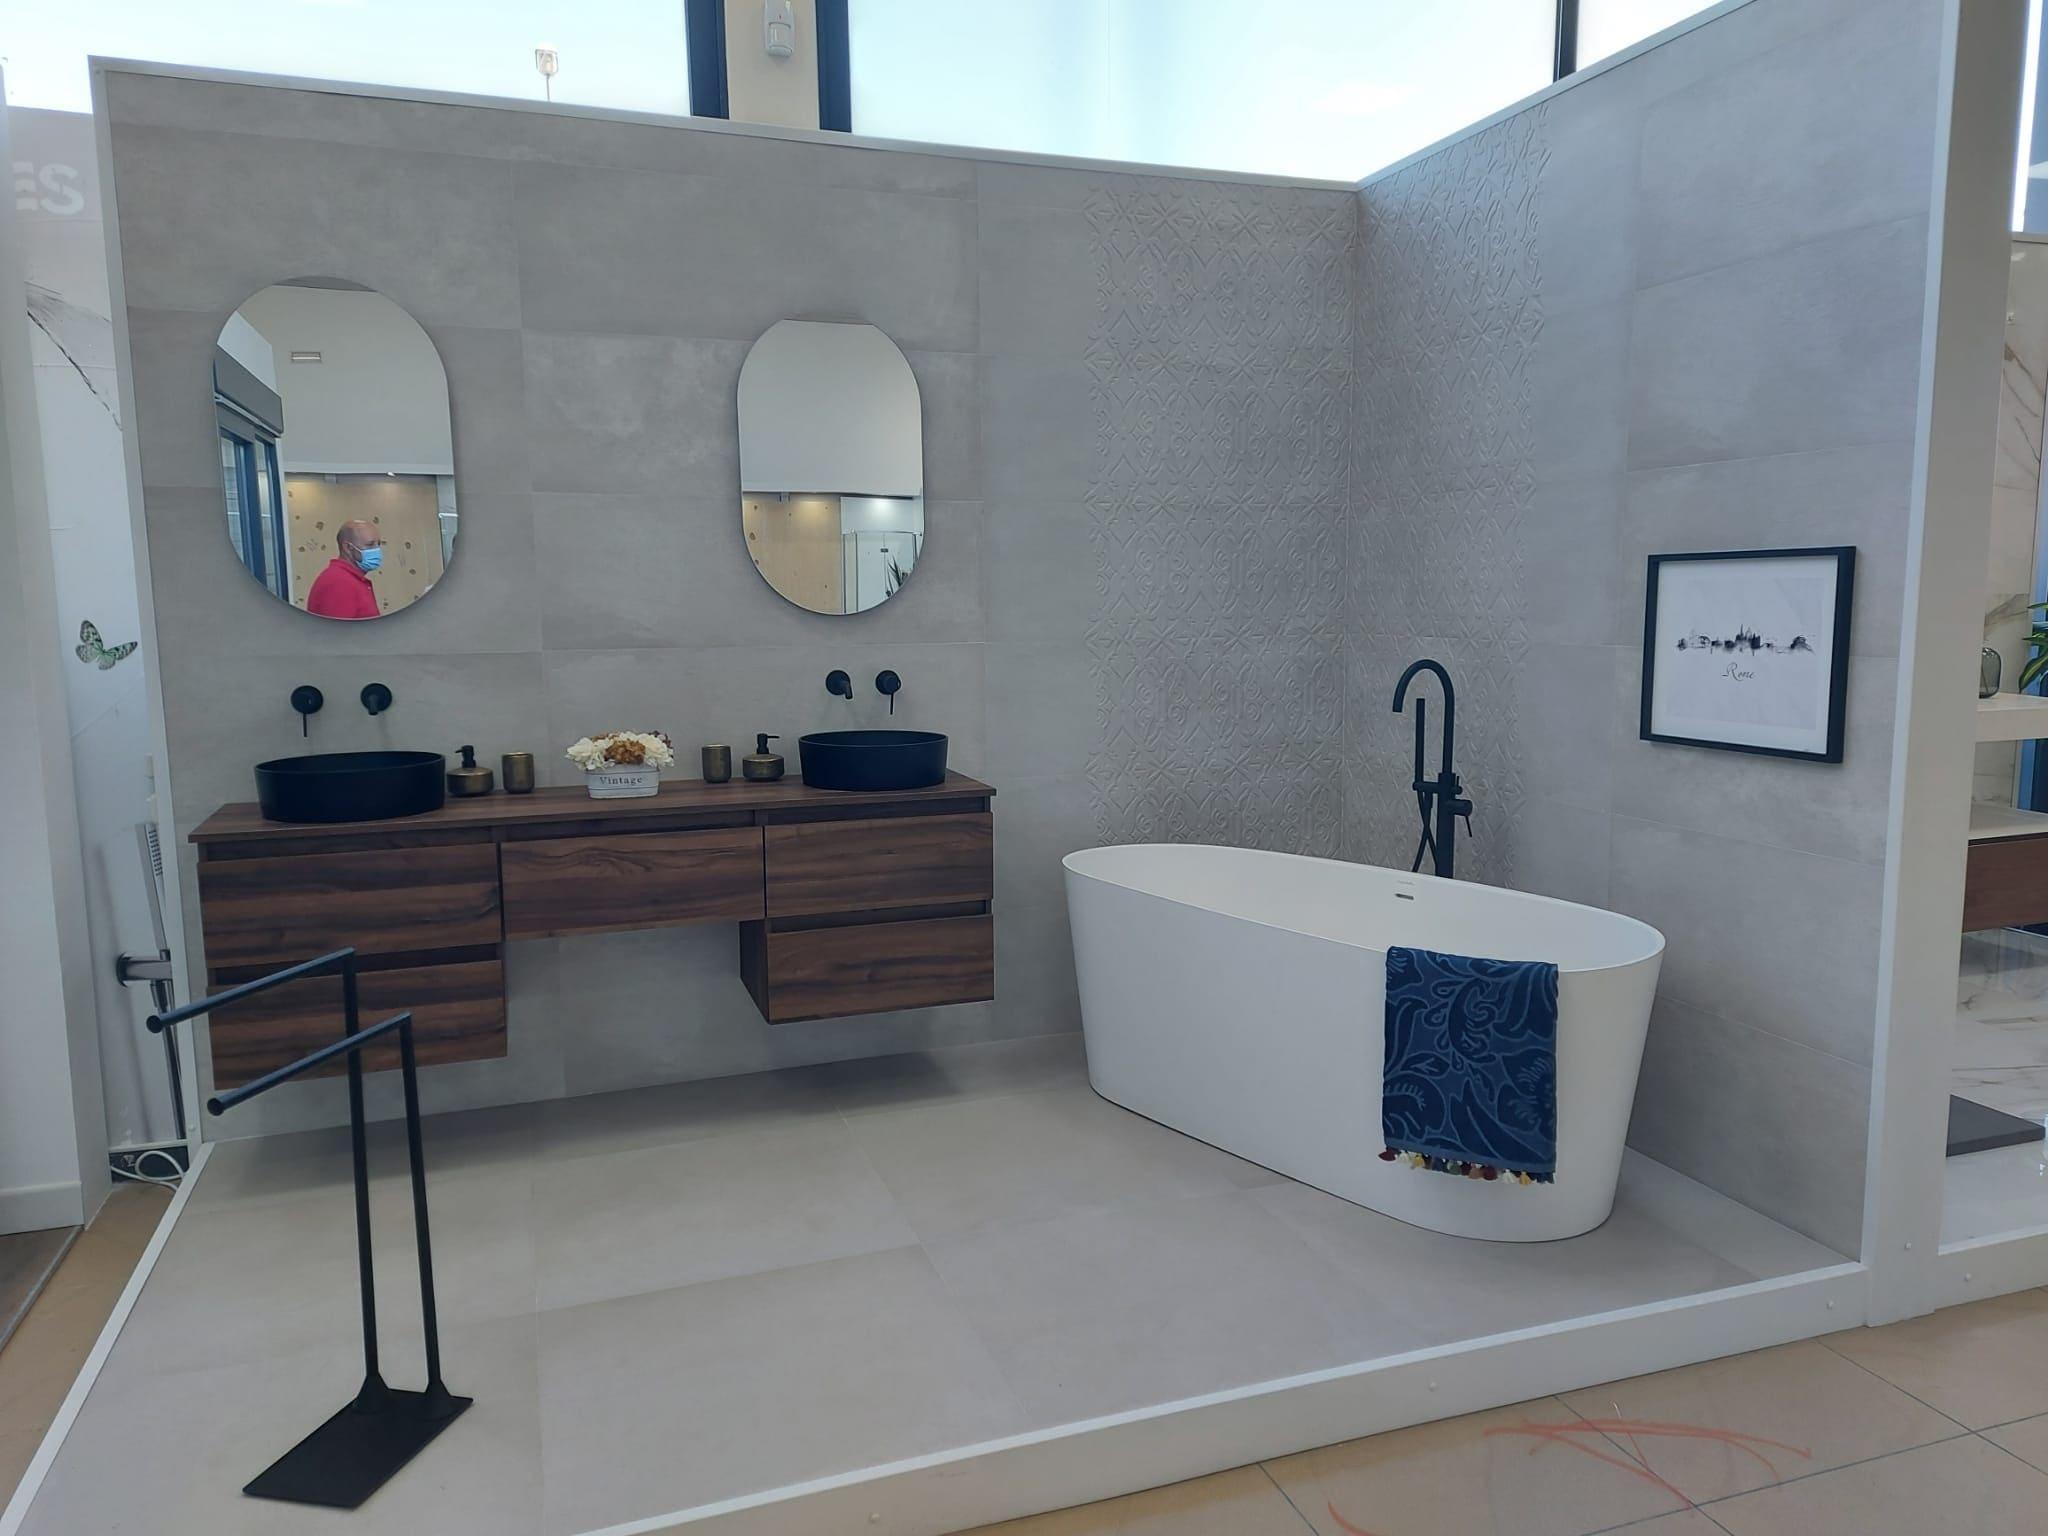 exposicion-banos-banera-azulejo Exposición Azulejos Cerámica y Baño